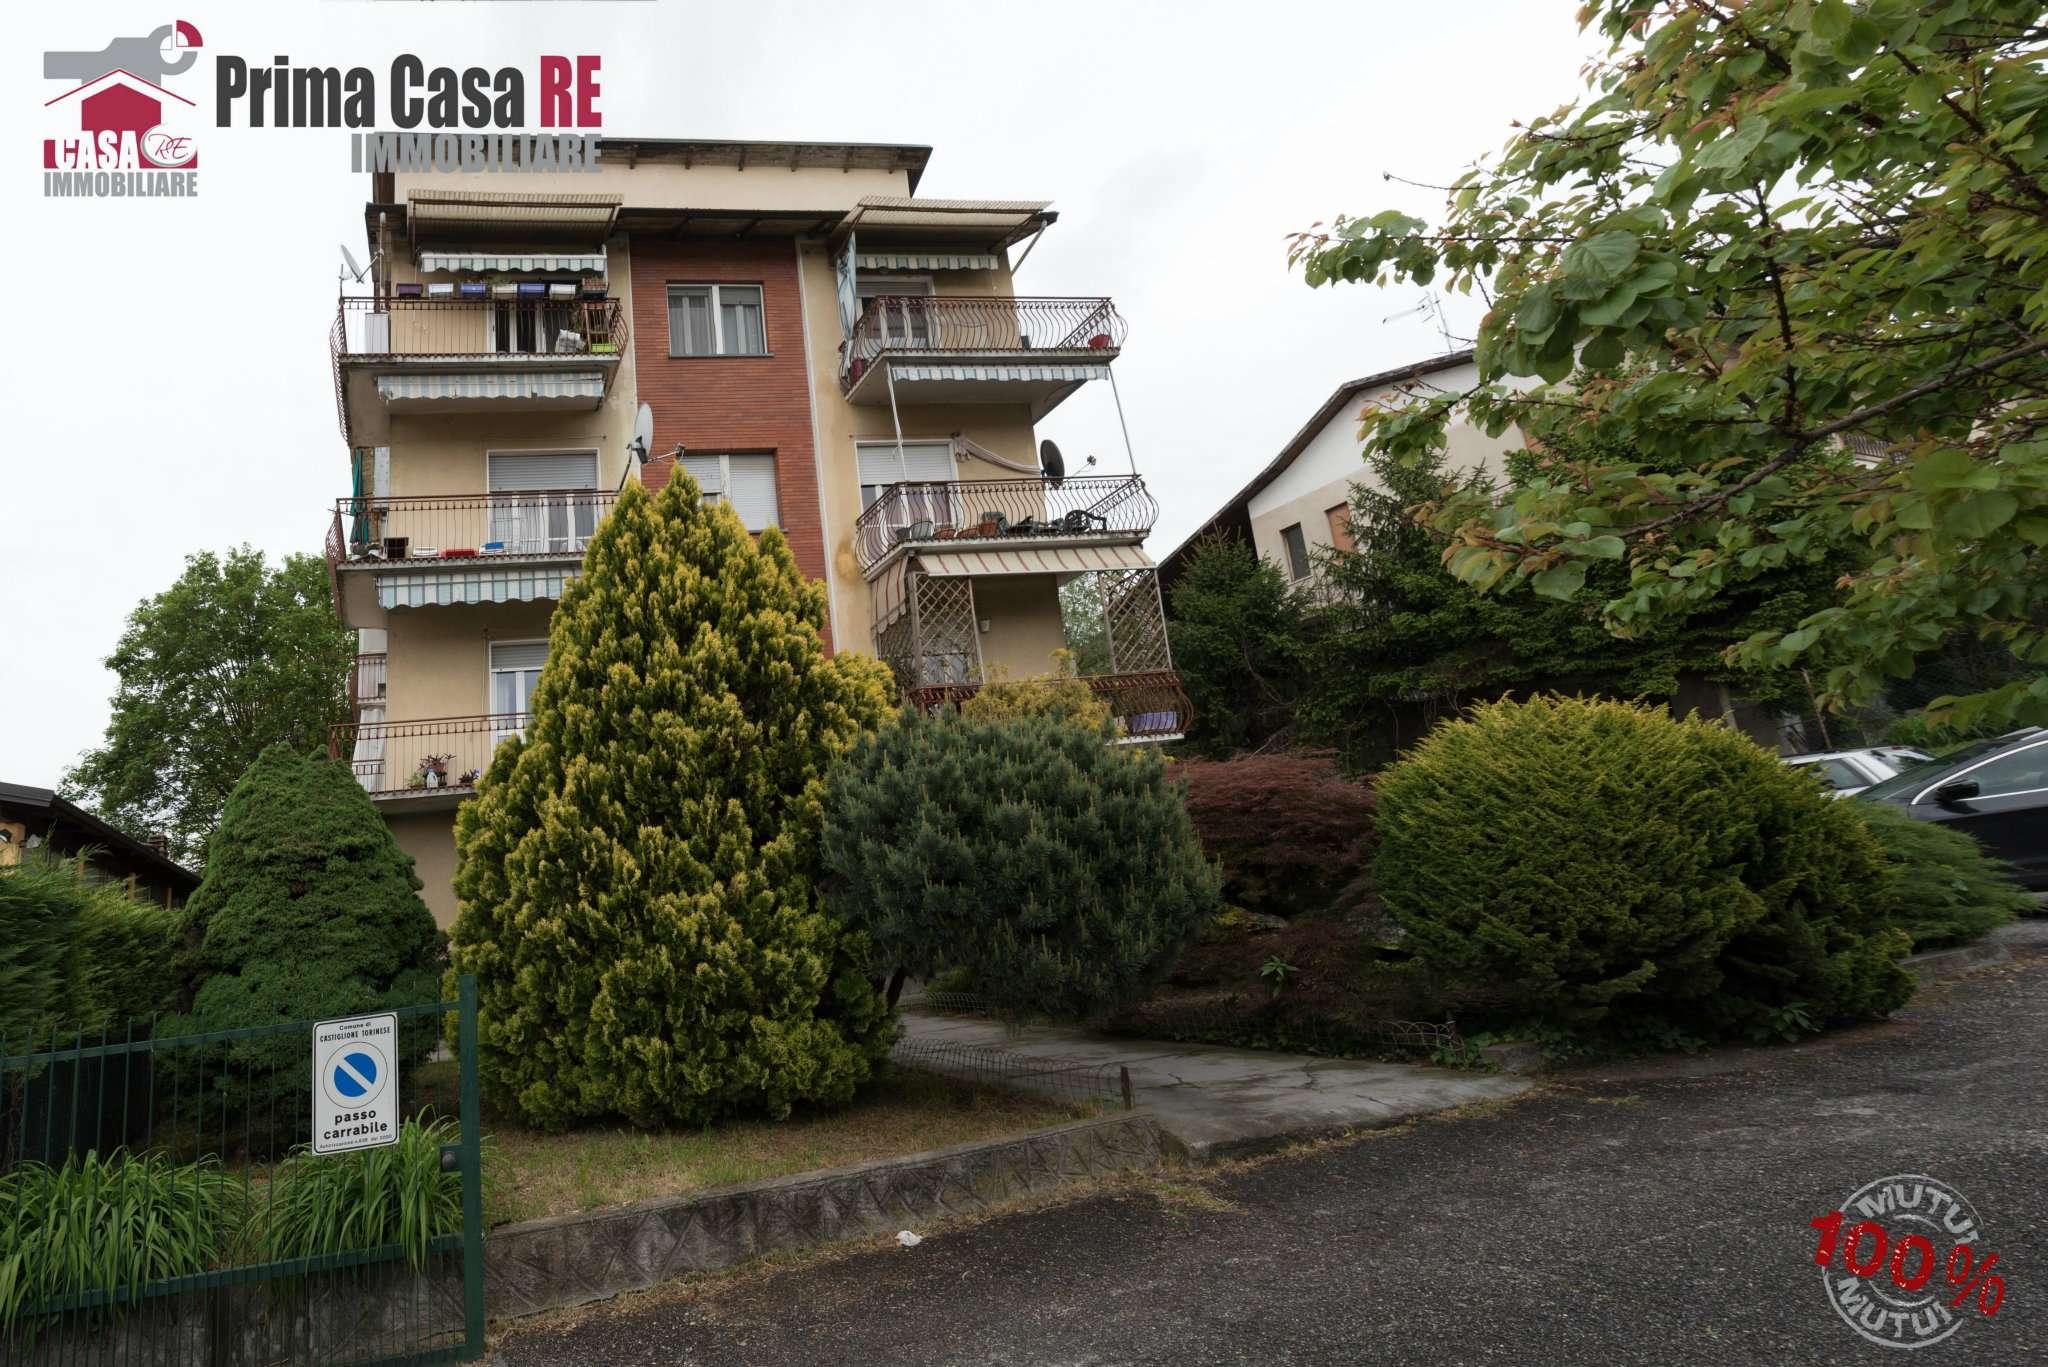 Appartamento in vendita a Castiglione Torinese, 2 locali, prezzo € 59.000 | CambioCasa.it